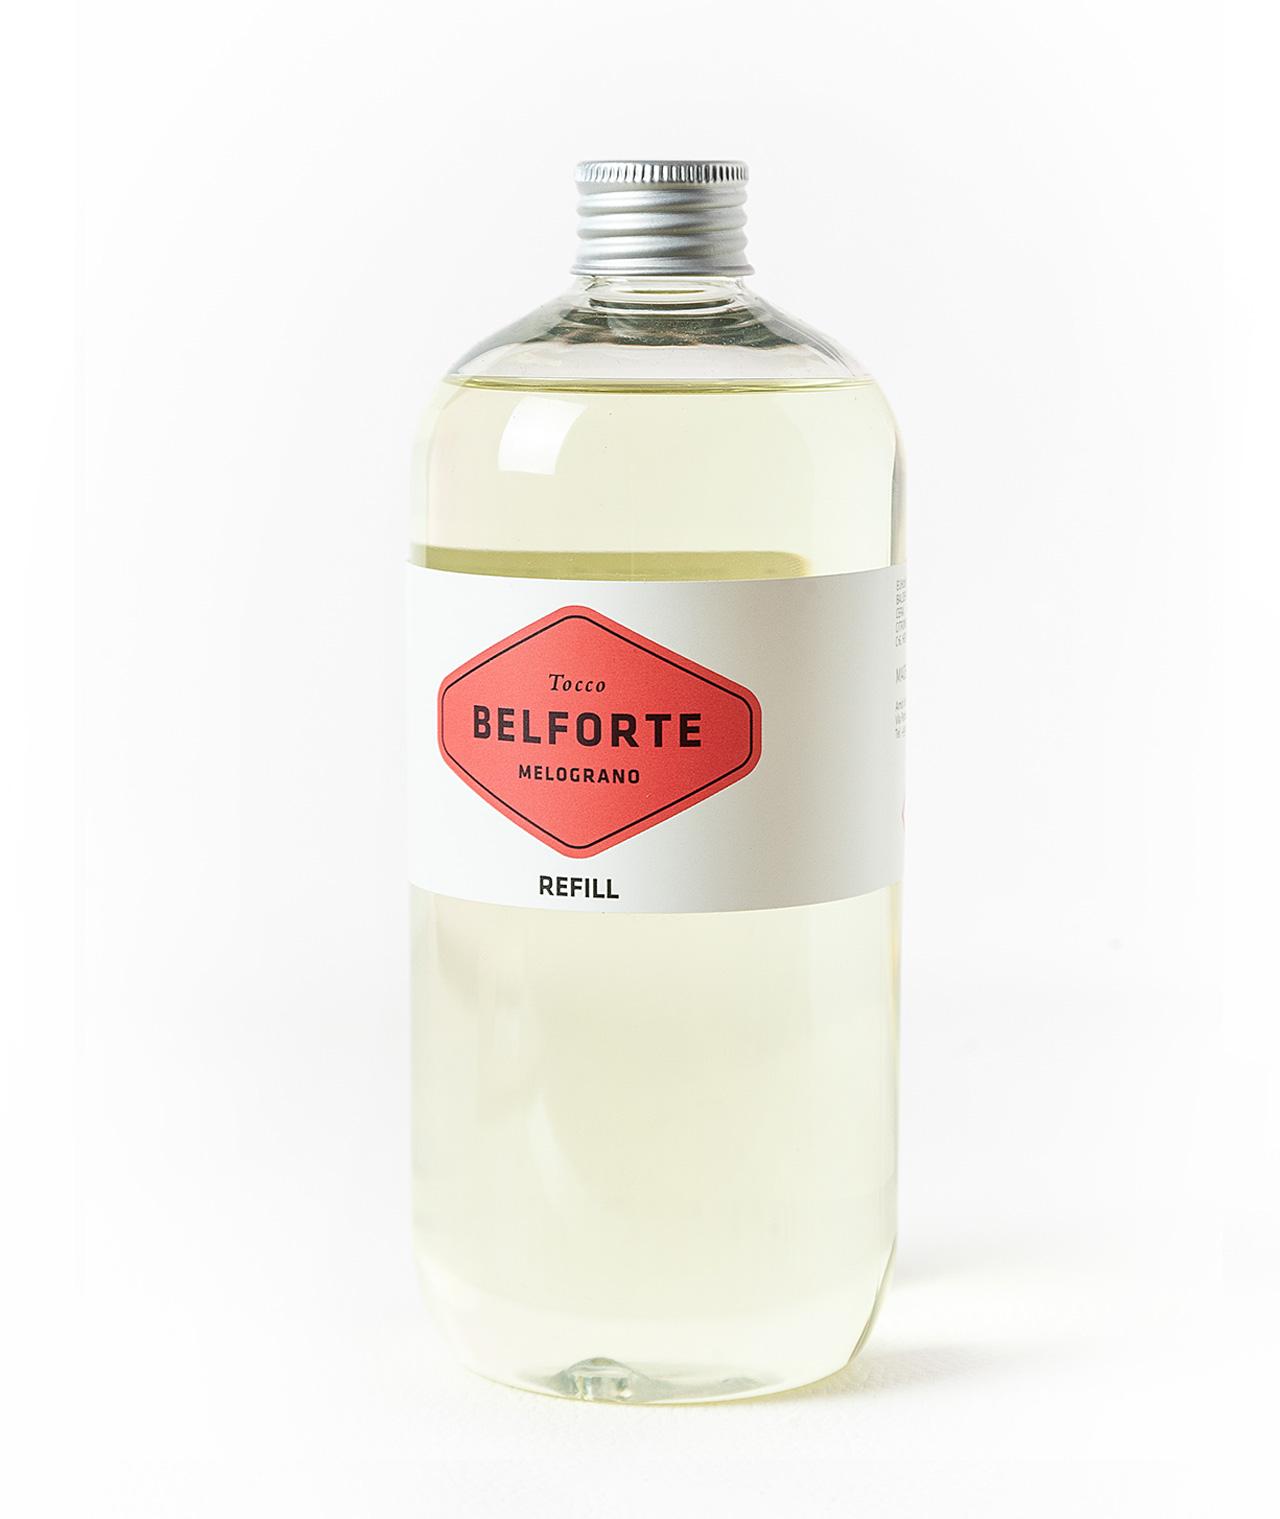 refill-melograno-white-500